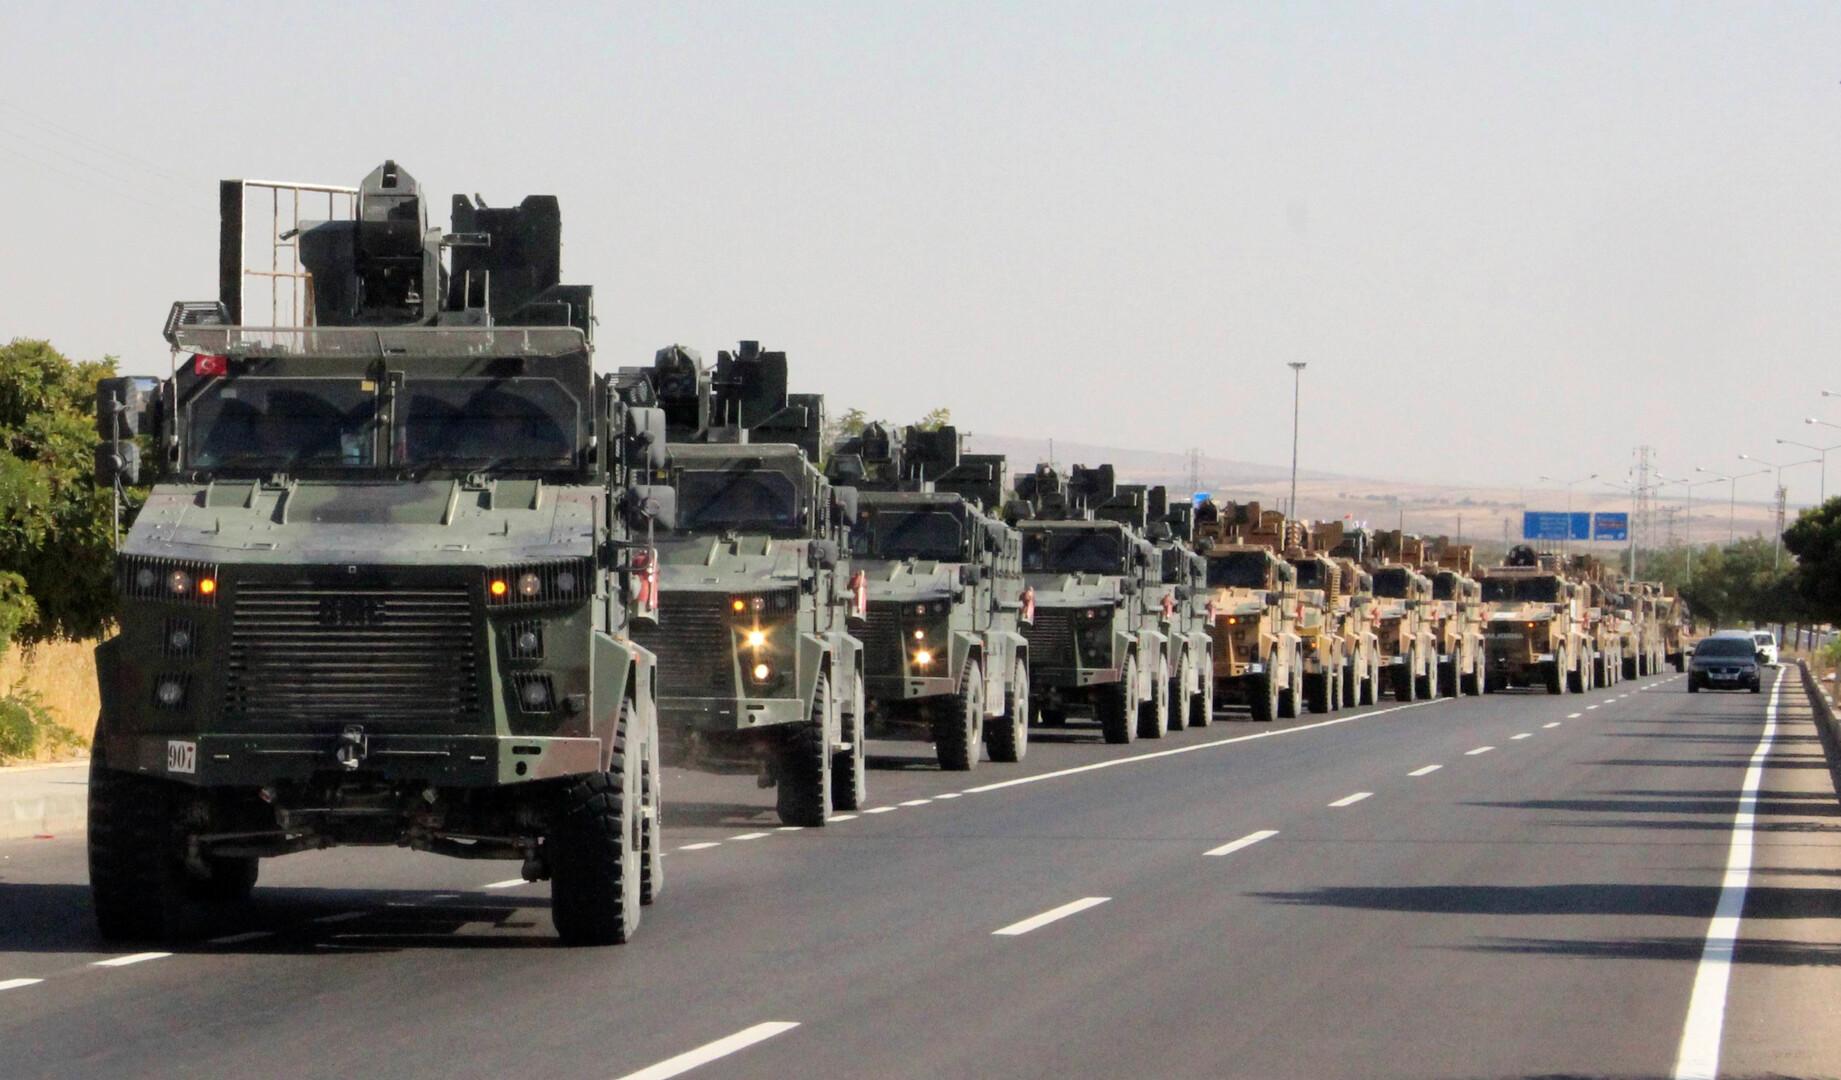 جامعة الدول العربية تصدر بيانا بشأن التدخل العسكري التركي في سوريا